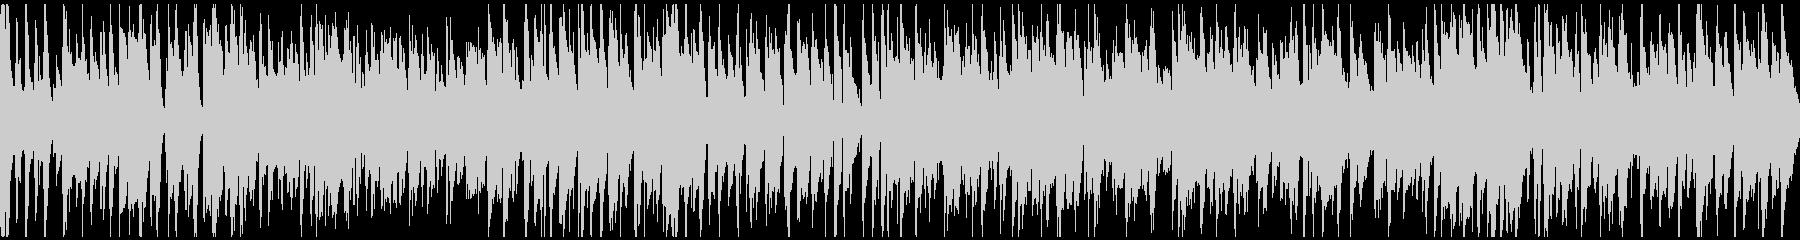 わくわくするライトなジャズ ※ループ版の未再生の波形